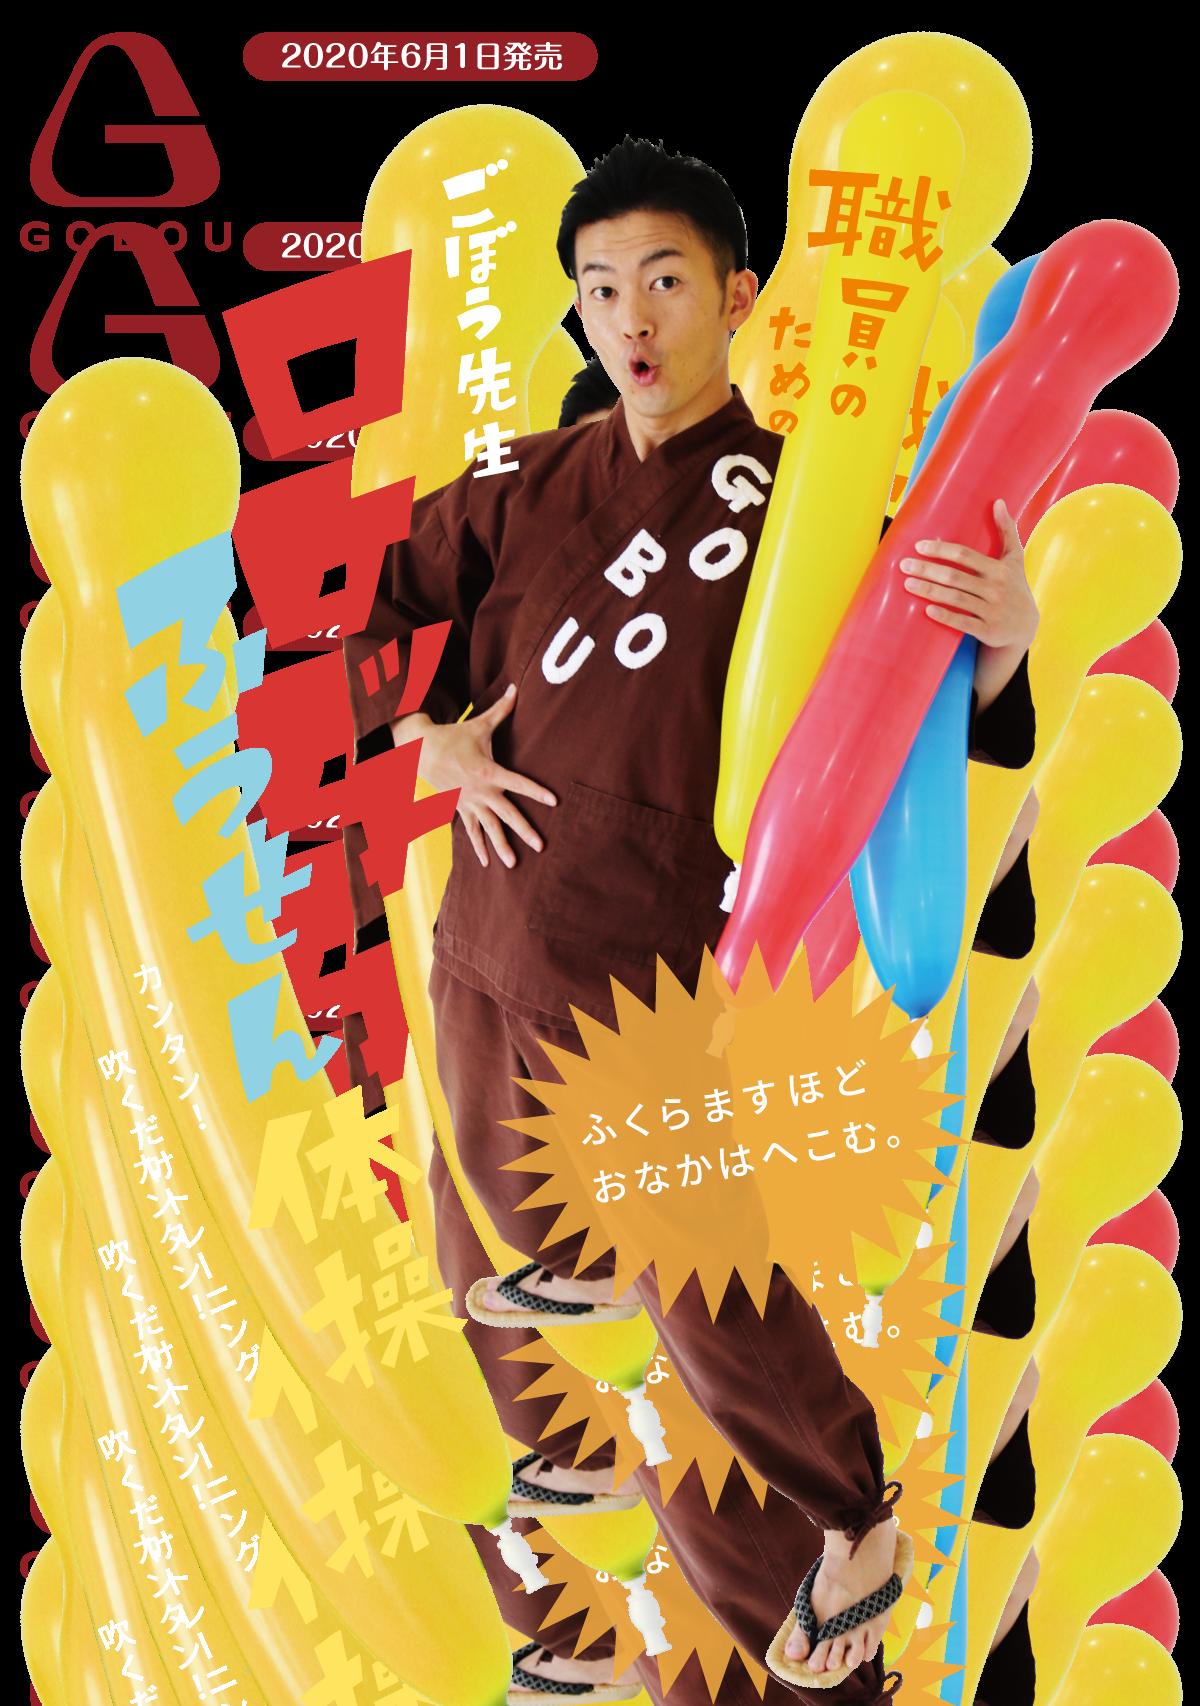 GOBOU_ごぼう先生のロケットふうせん体操・2020年6月1日発売